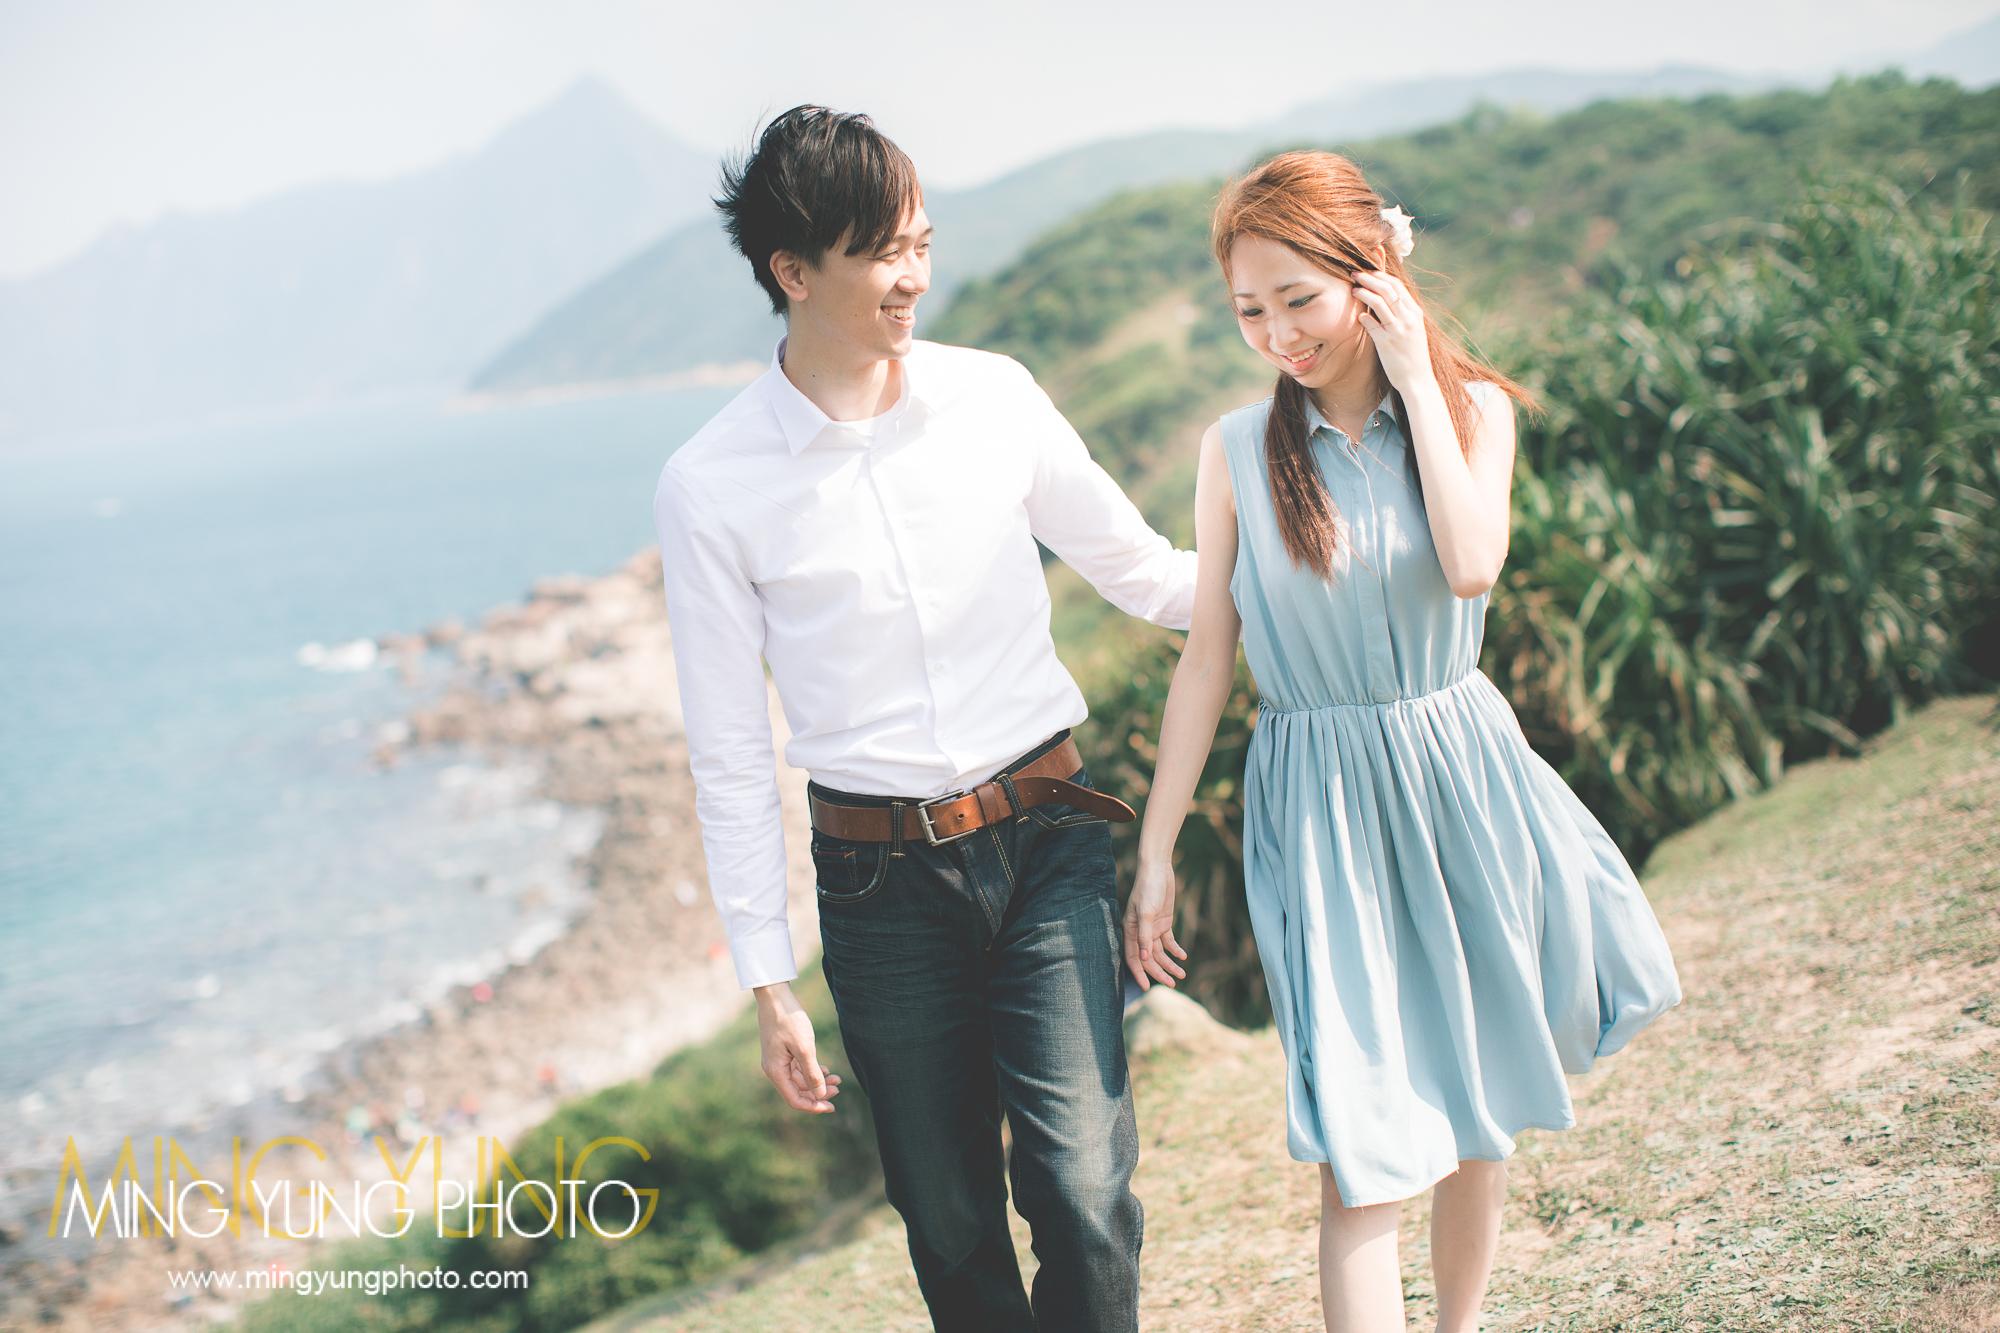 mingyungphoto-20170430-0007